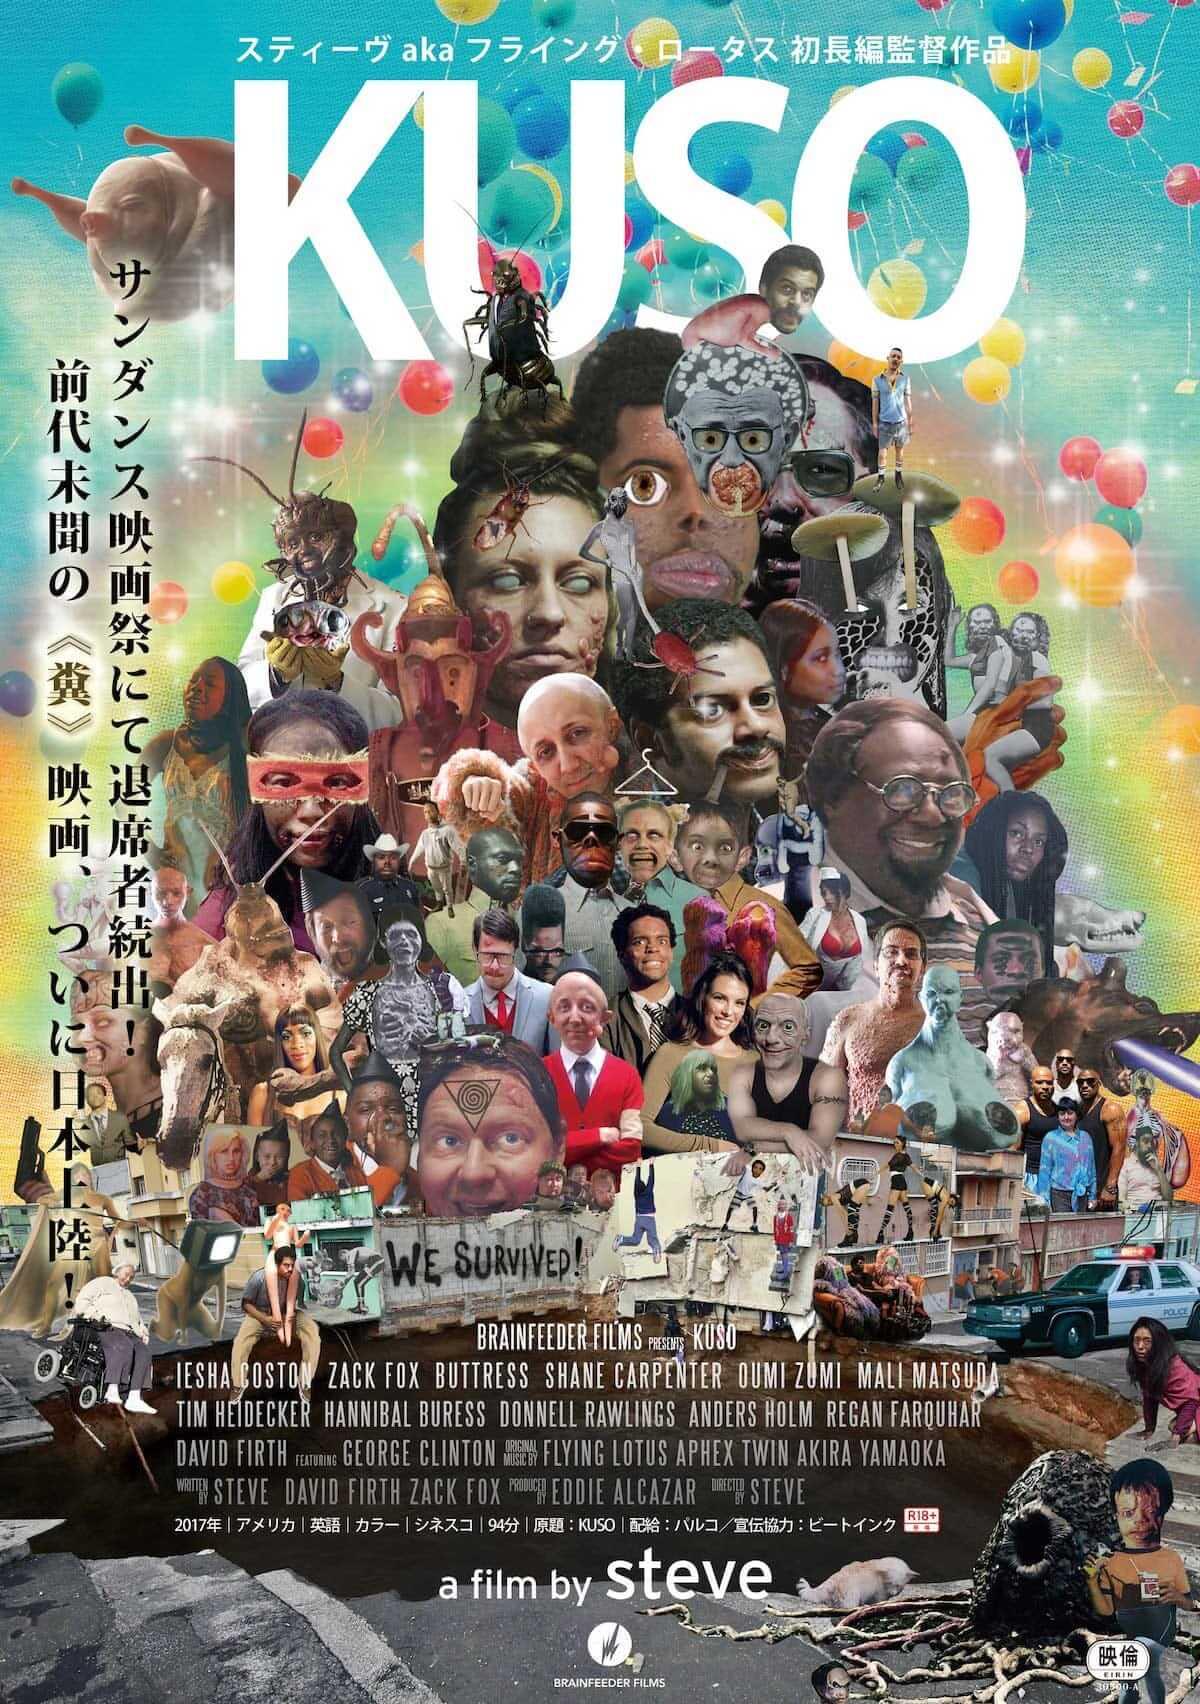 """フライング・ロータス初長編監督作品、""""史上最もグロテスクな映画""""と称された『KUSO』の予告編をチェックしよう music180806-brainfeeder-2-1200x1704"""